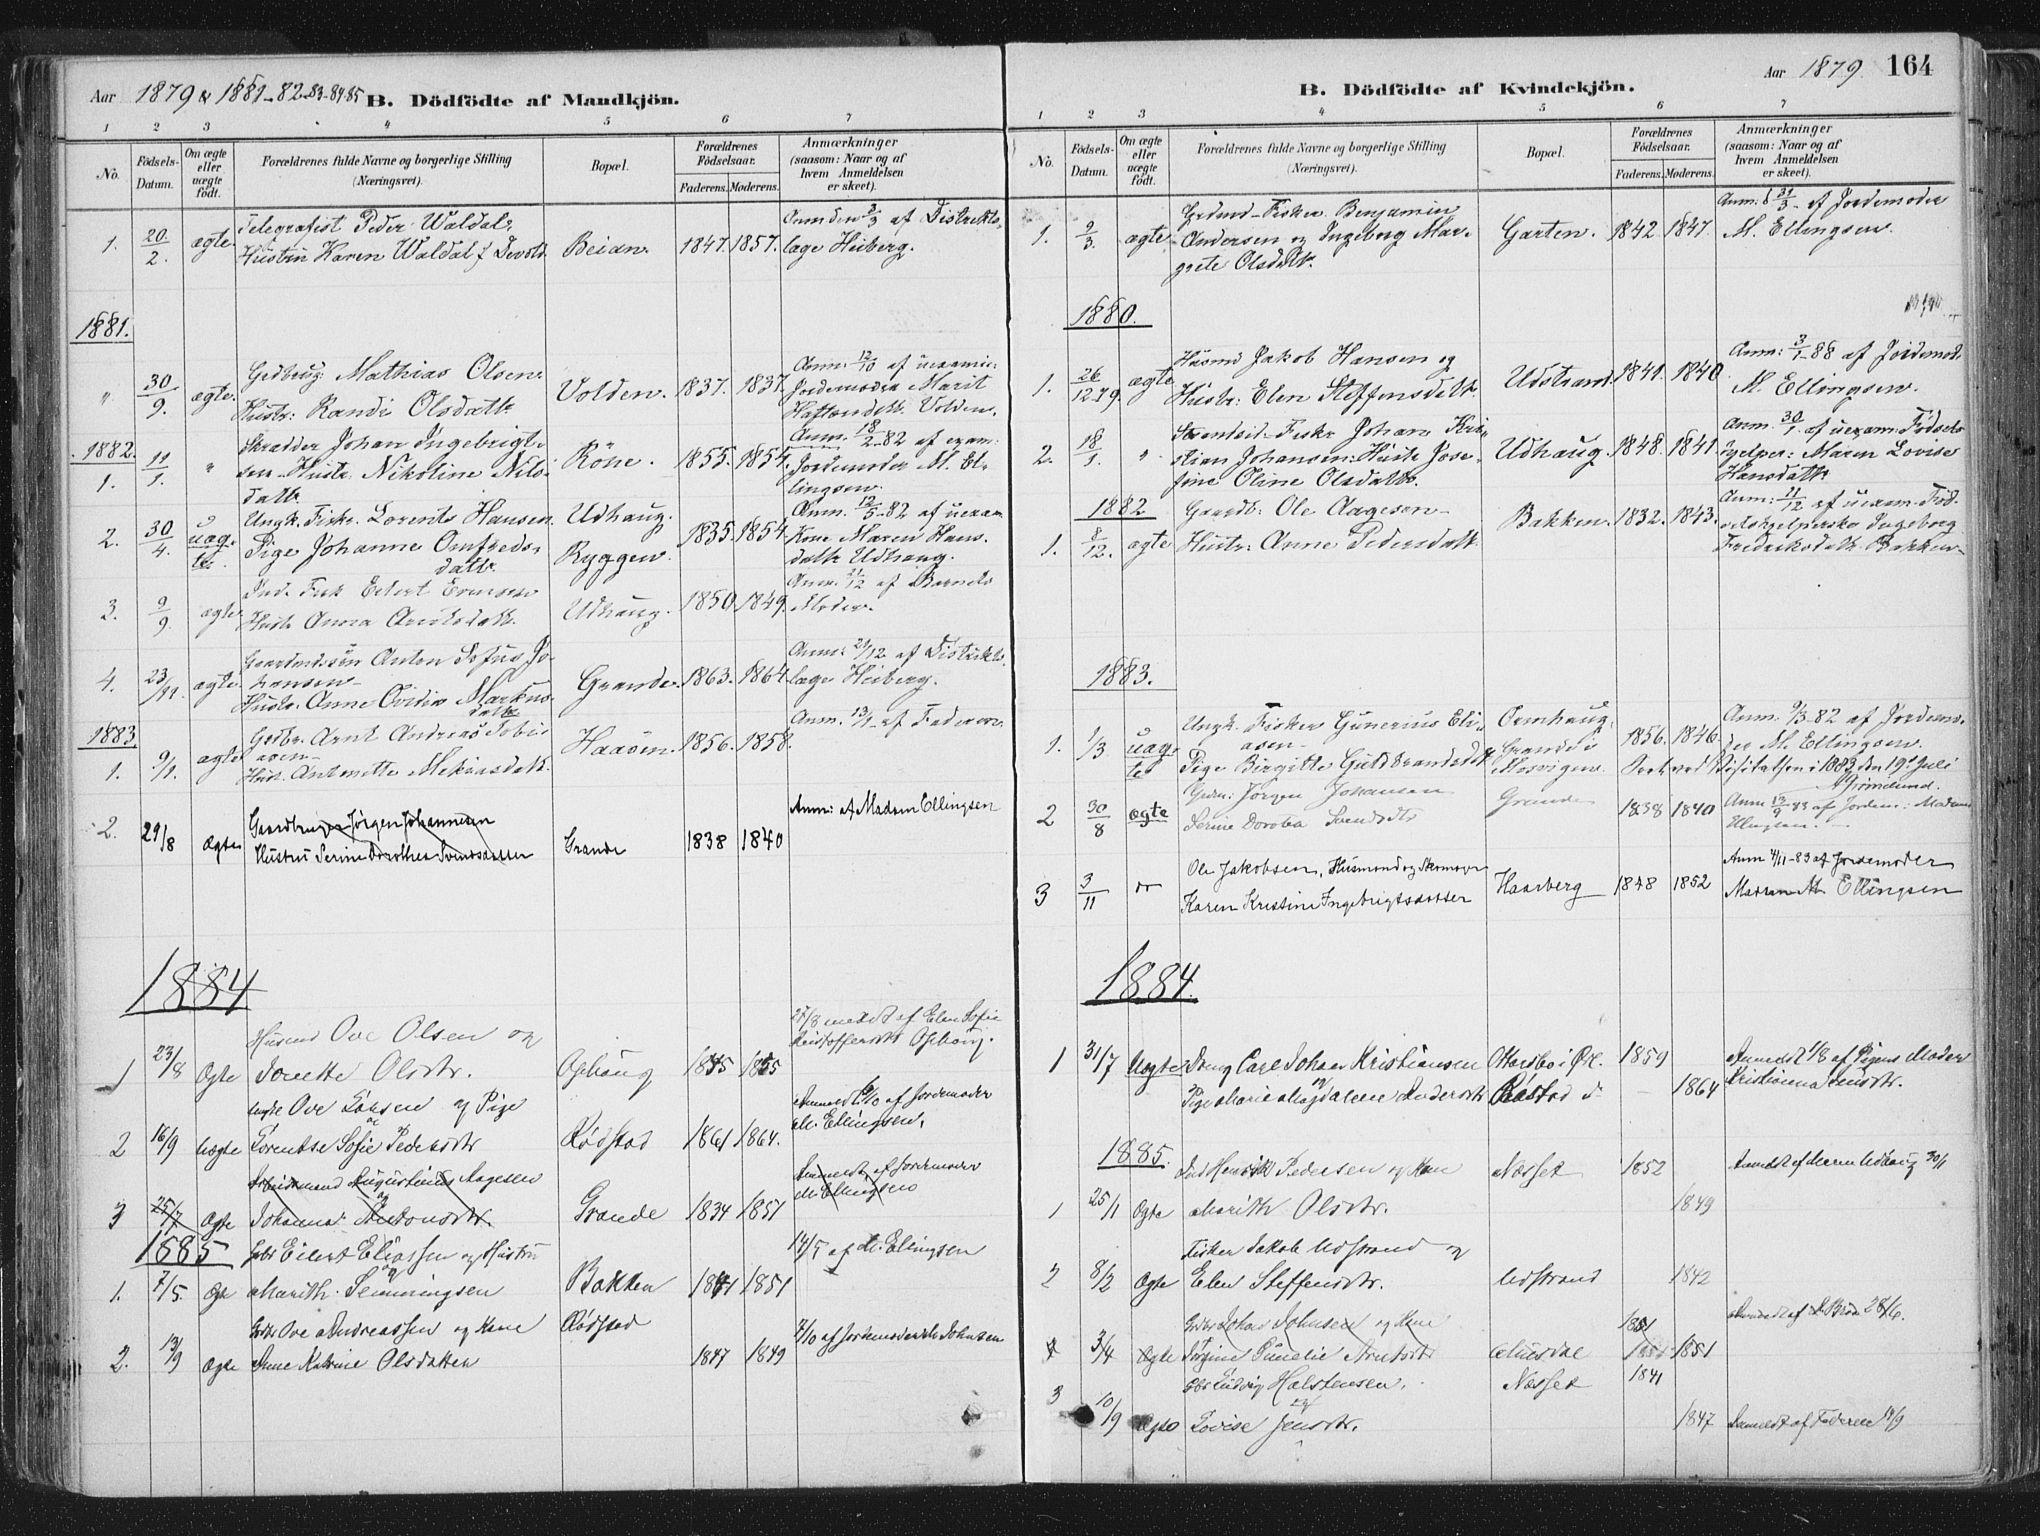 SAT, Ministerialprotokoller, klokkerbøker og fødselsregistre - Sør-Trøndelag, 659/L0739: Ministerialbok nr. 659A09, 1879-1893, s. 164